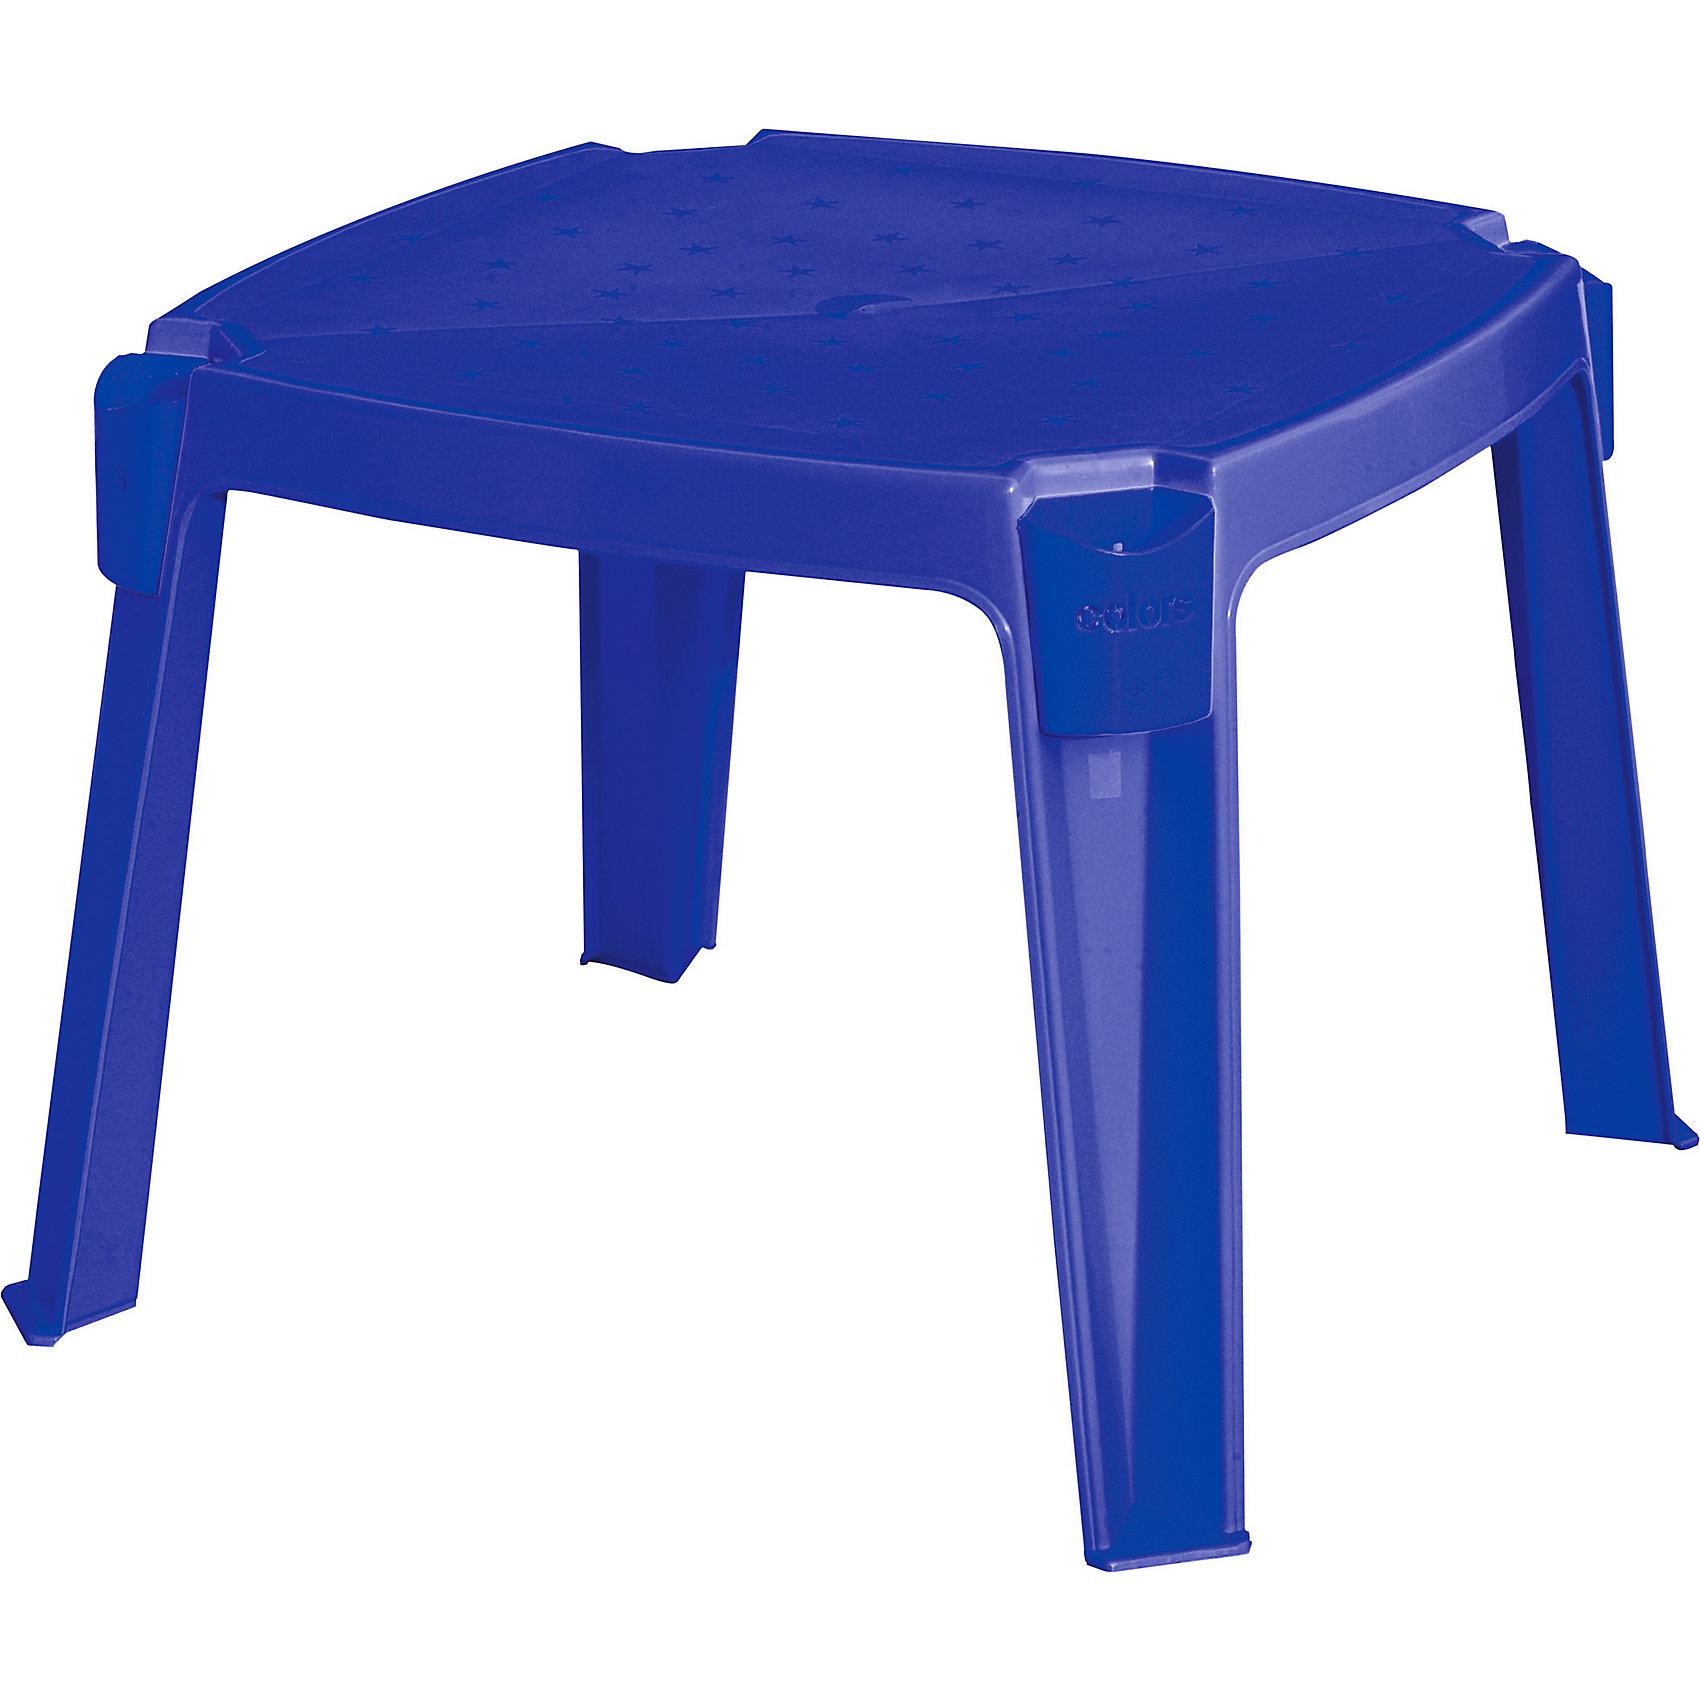 Стол с карманами, синий, PalPlayДомики и мебель<br>Marianplast Стол с карманами - яркий и удобный детский столик с карманами для карандашей и фломастеров.<br><br>За столиком свободно смогут расположиться сразу 4 ребенка. <br>Размер: 53X53X42.5см<br><br>За столиком можно перекусить, поиграть в настольные игры или порисовать. Может использоваться как на даче, так и в детской комнате.<br><br>Ширина мм: 530<br>Глубина мм: 530<br>Высота мм: 425<br>Вес г: 1530<br>Возраст от месяцев: 216<br>Возраст до месяцев: 144<br>Пол: Унисекс<br>Возраст: Детский<br>SKU: 4860650